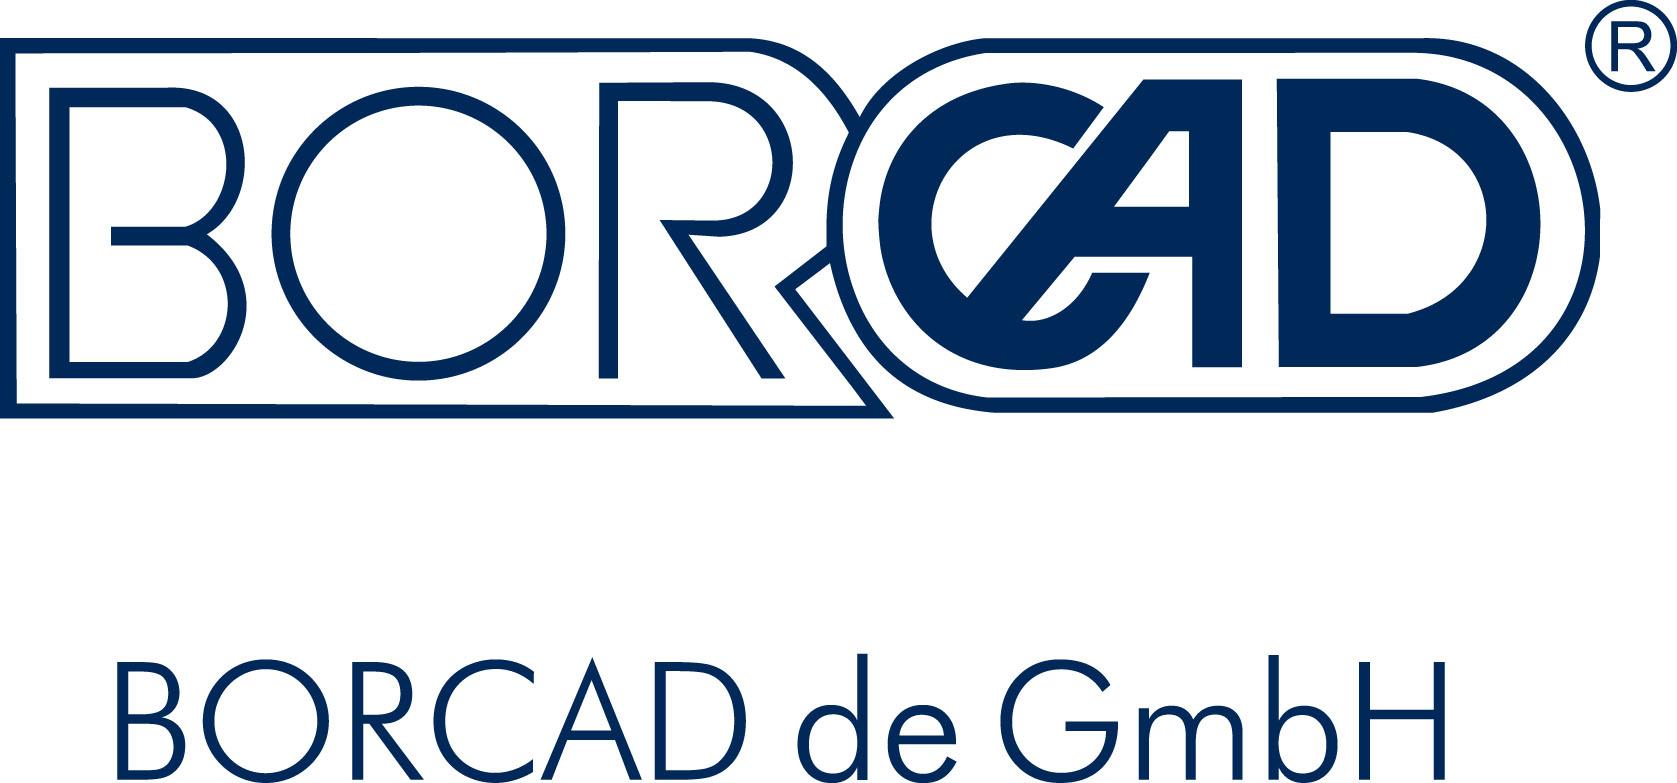 Borcad de GmbH